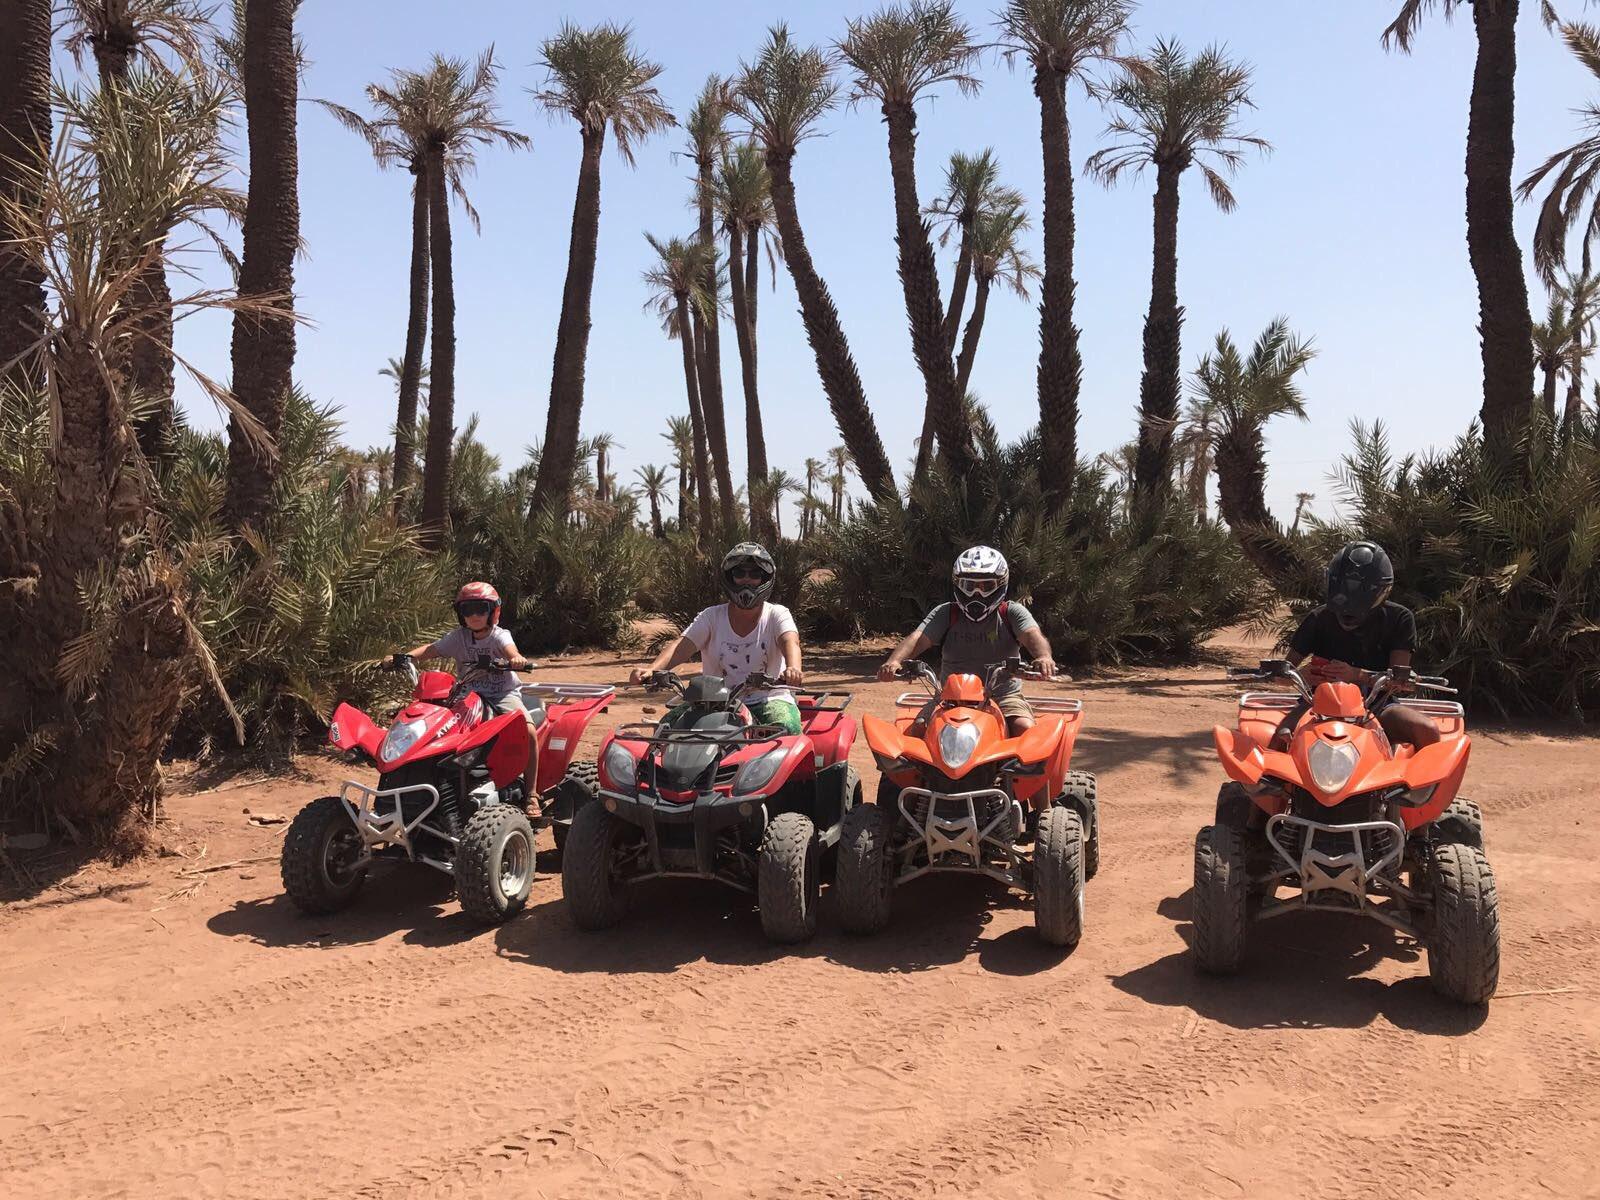 tour quads palmeral marrakech